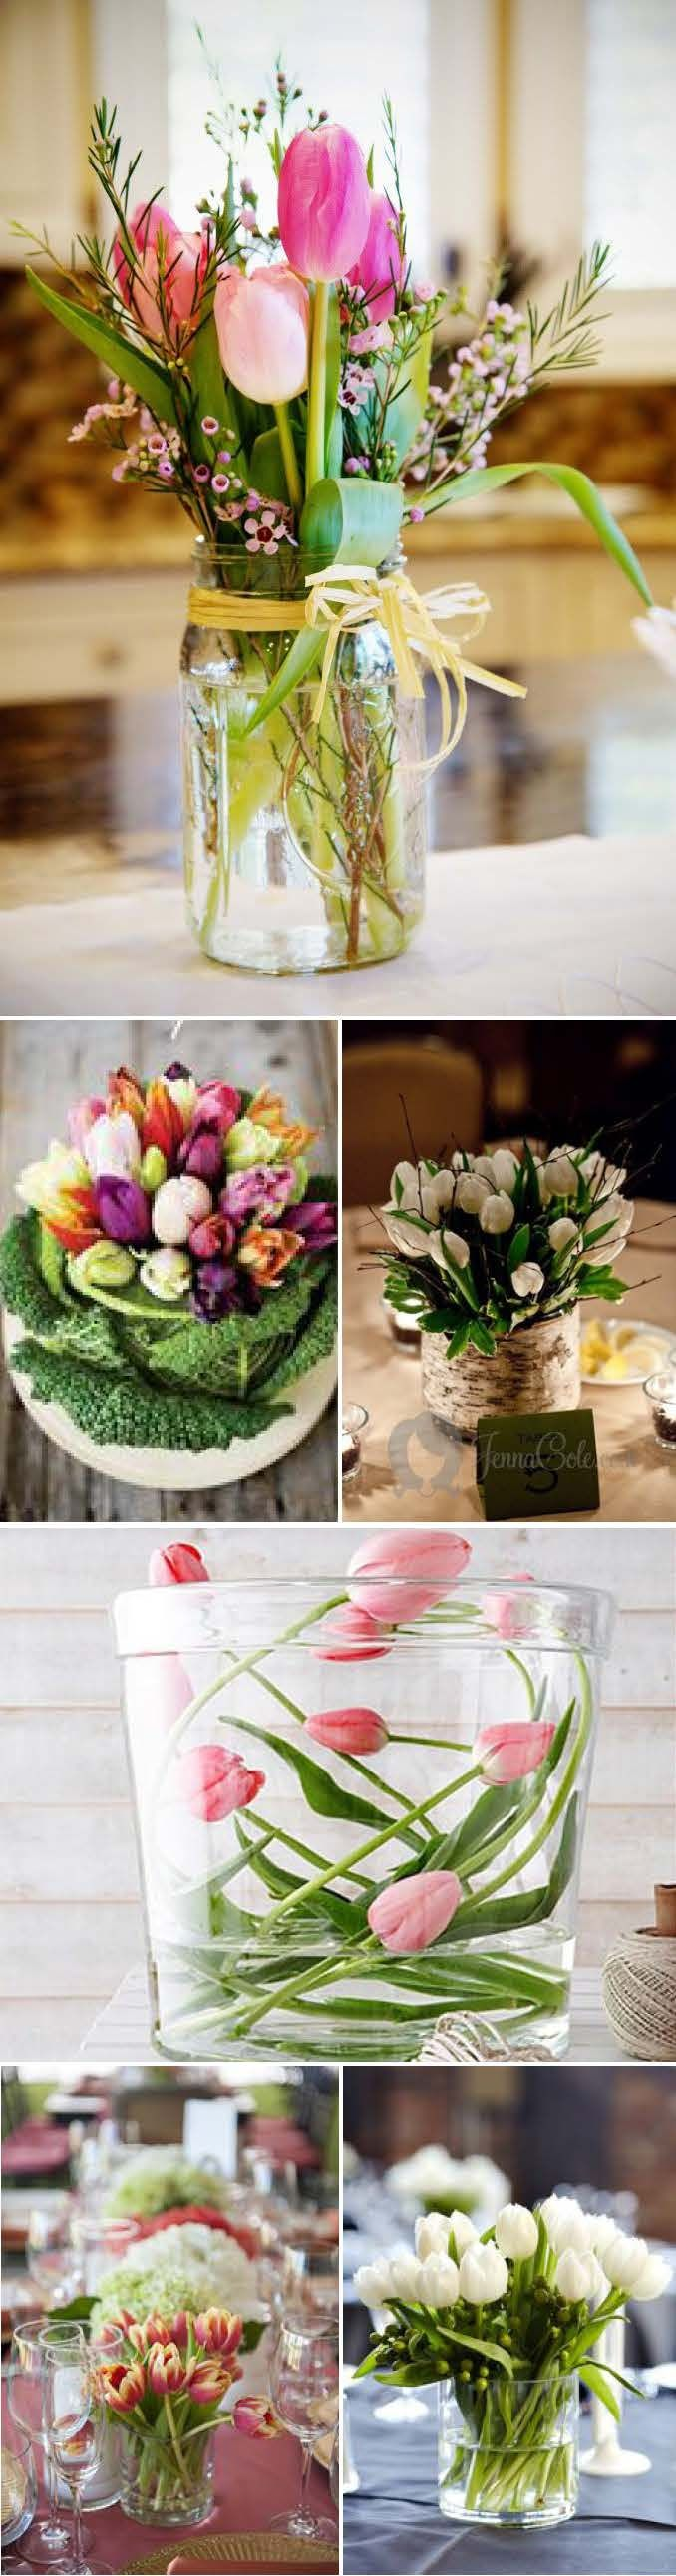 liebelein-will, Hochzeitsblog - Hochzeit, Blog, Tulpen, Tischeko 2